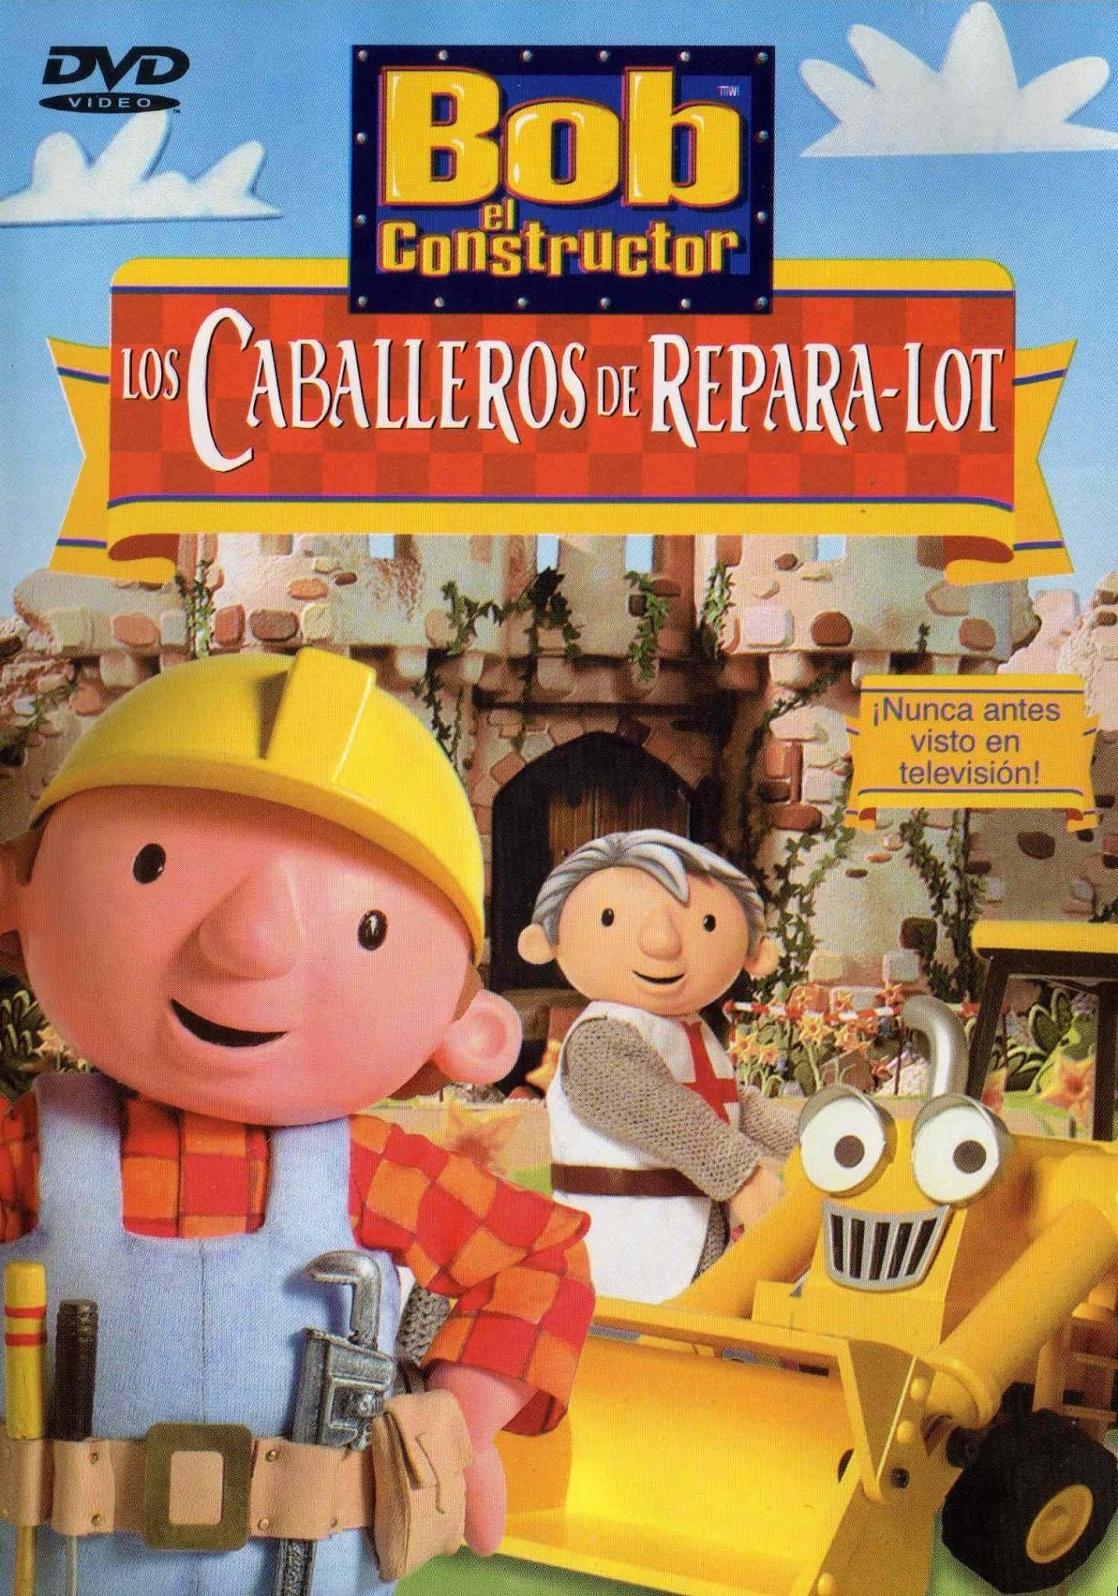 Bob el constructor: Los caballeros de repara-lot